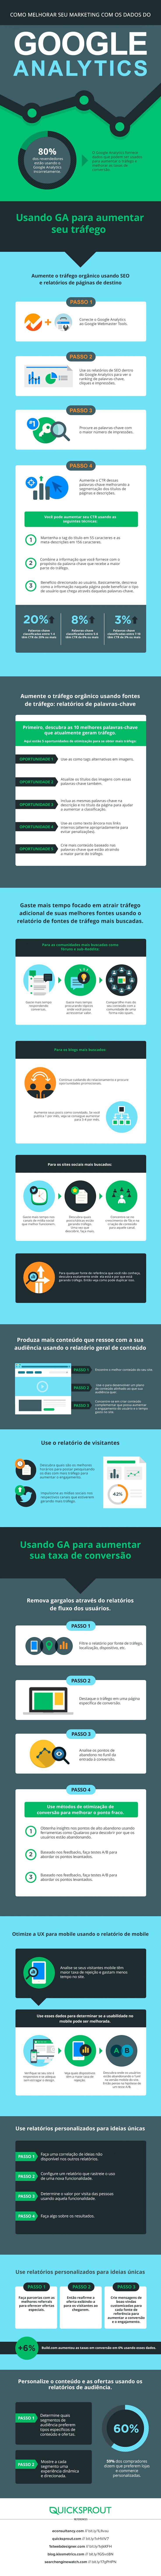 Infográfico: Como melhorar seu Marketing com os dados do Google Analytics